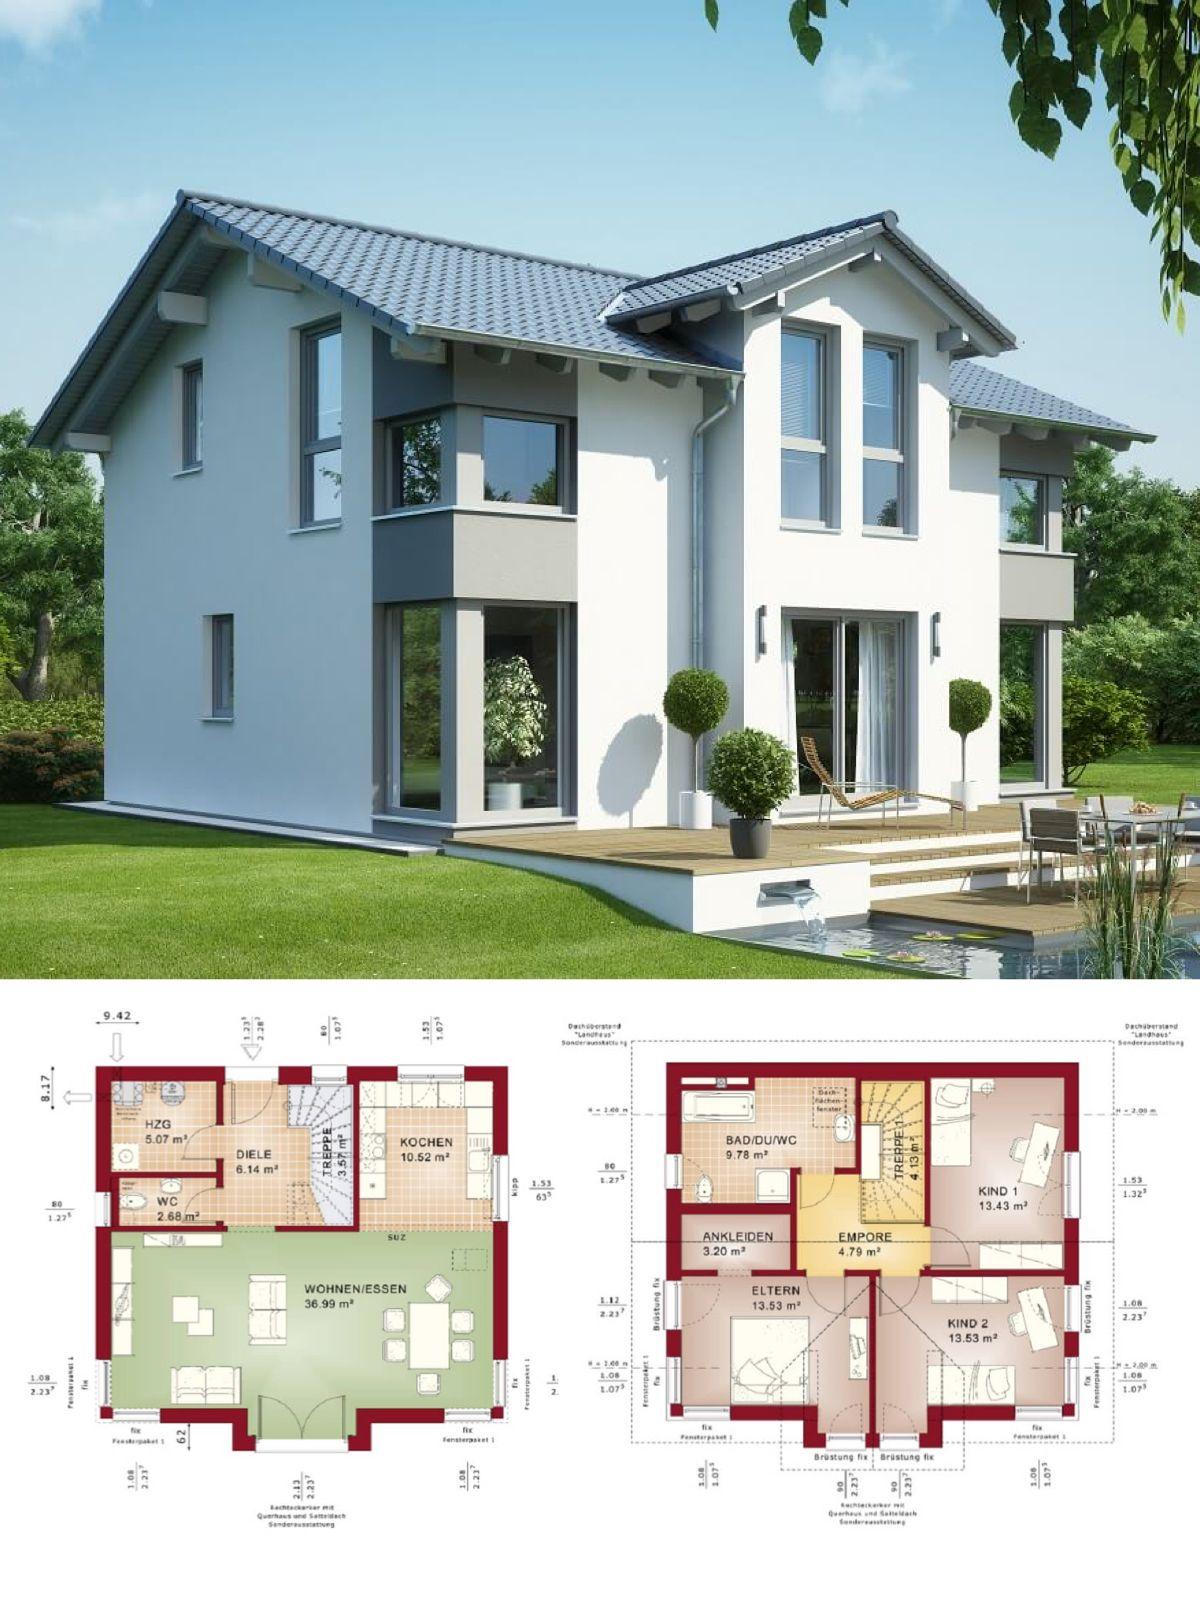 Einfamilienhaus Mit Satteldach Querhaus Haus Bauen Grundriss - Minecraft hauser download und einfugen